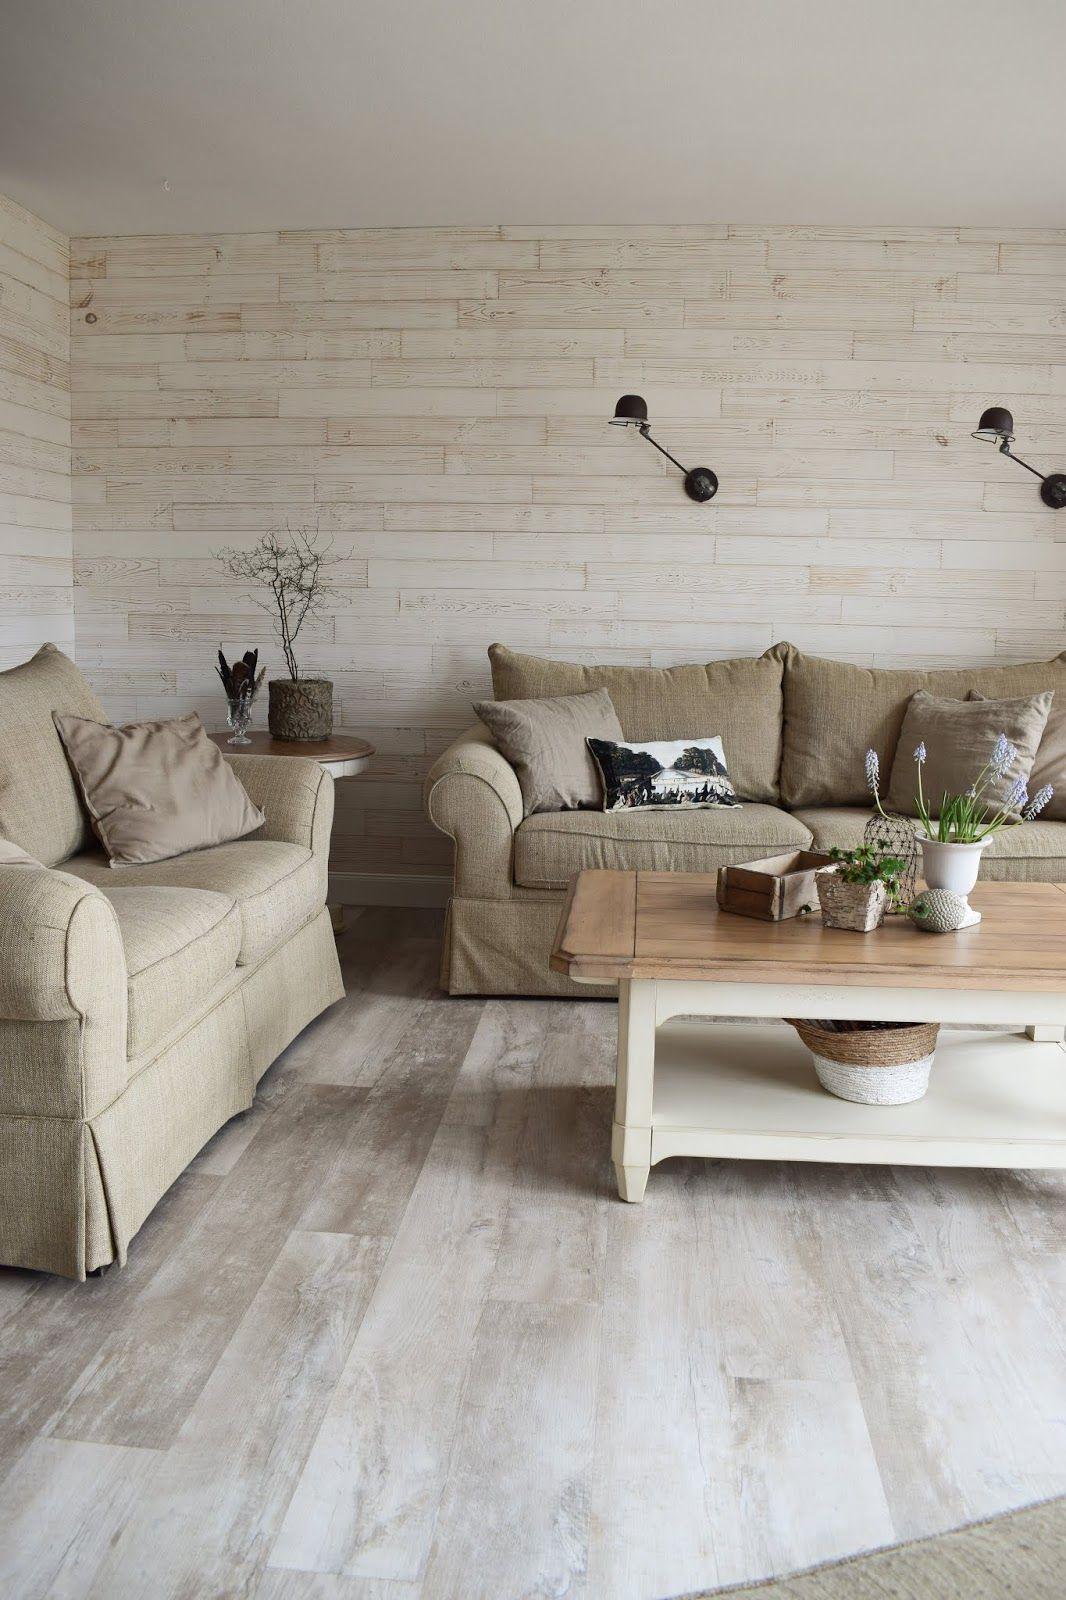 Wohnzimmer Renovierung Mit Wandpaneelen Aus Echtholz Dekoidee